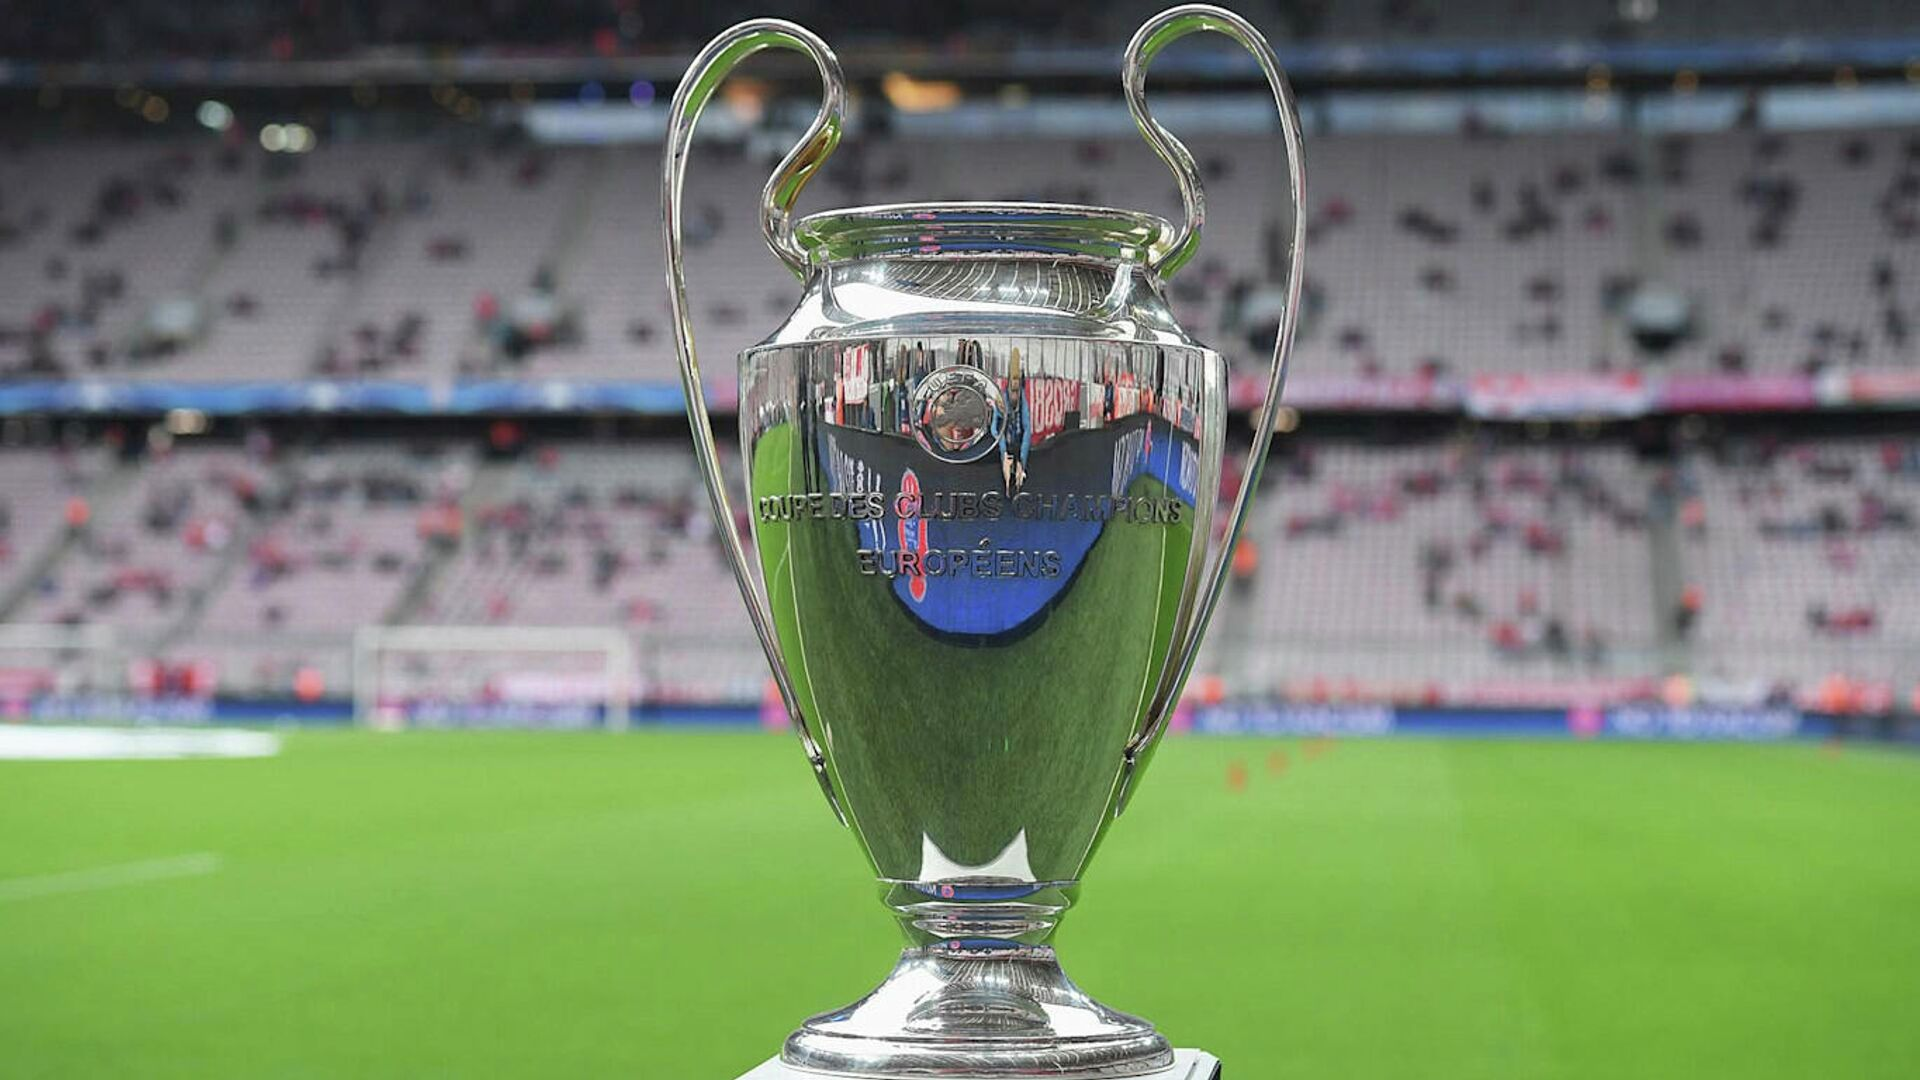 Трофей Лиги чемпионов УЕФА - РИА Новости, 1920, 19.10.2020